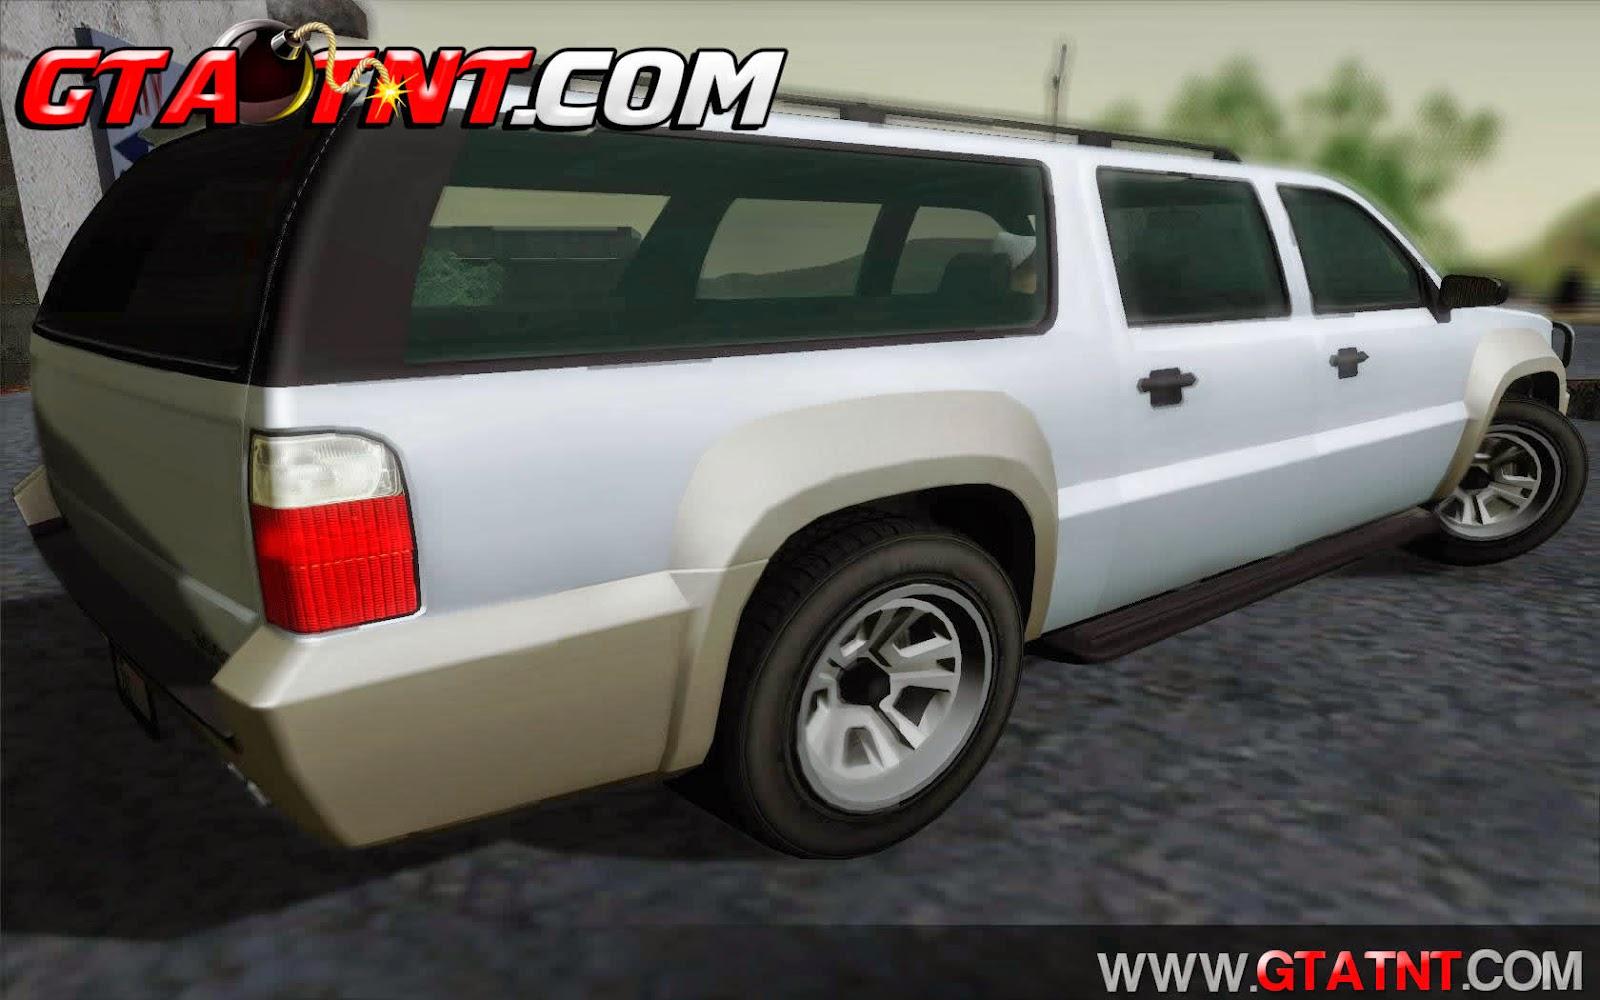 Granger Convertido do GTA V para GTA San Andreas